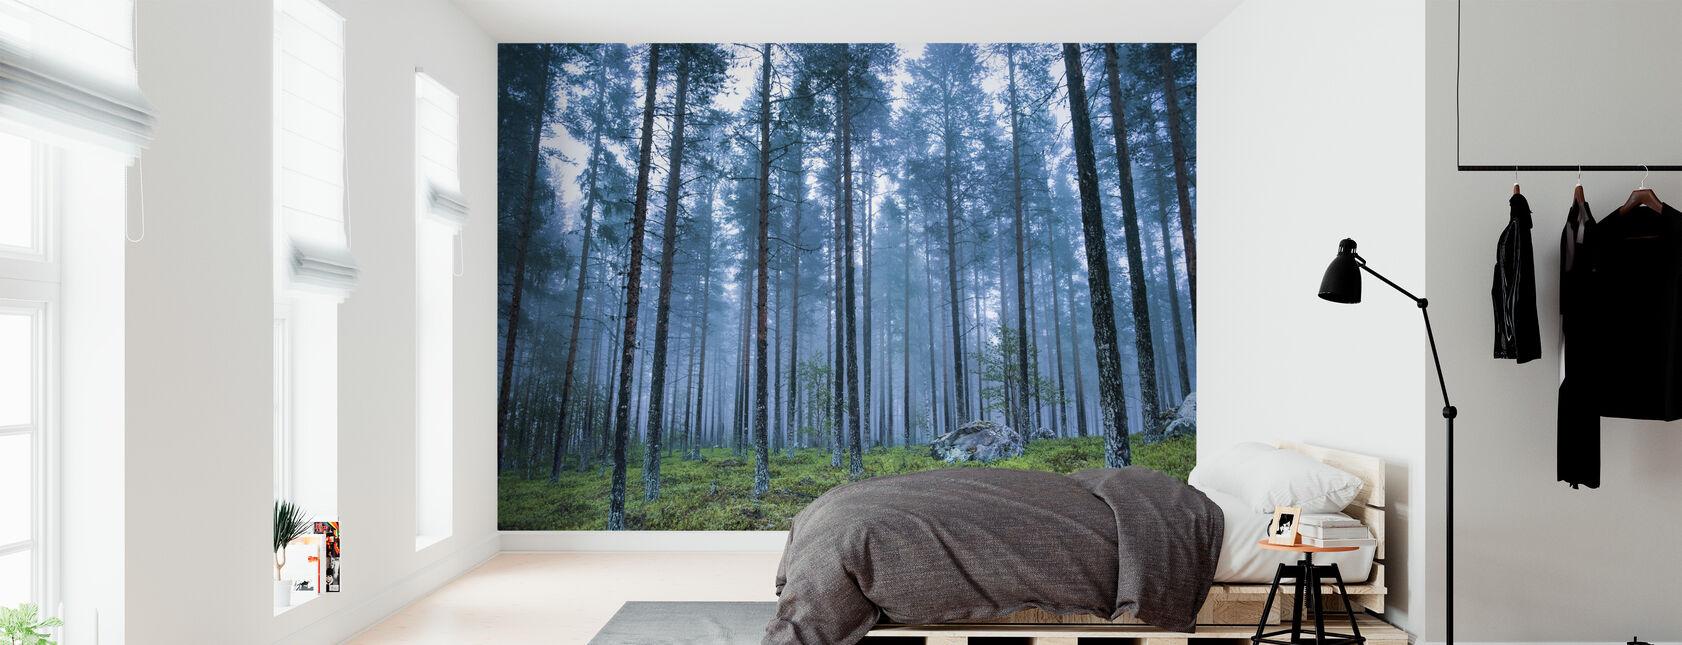 Blue Forest - Wallpaper - Bedroom